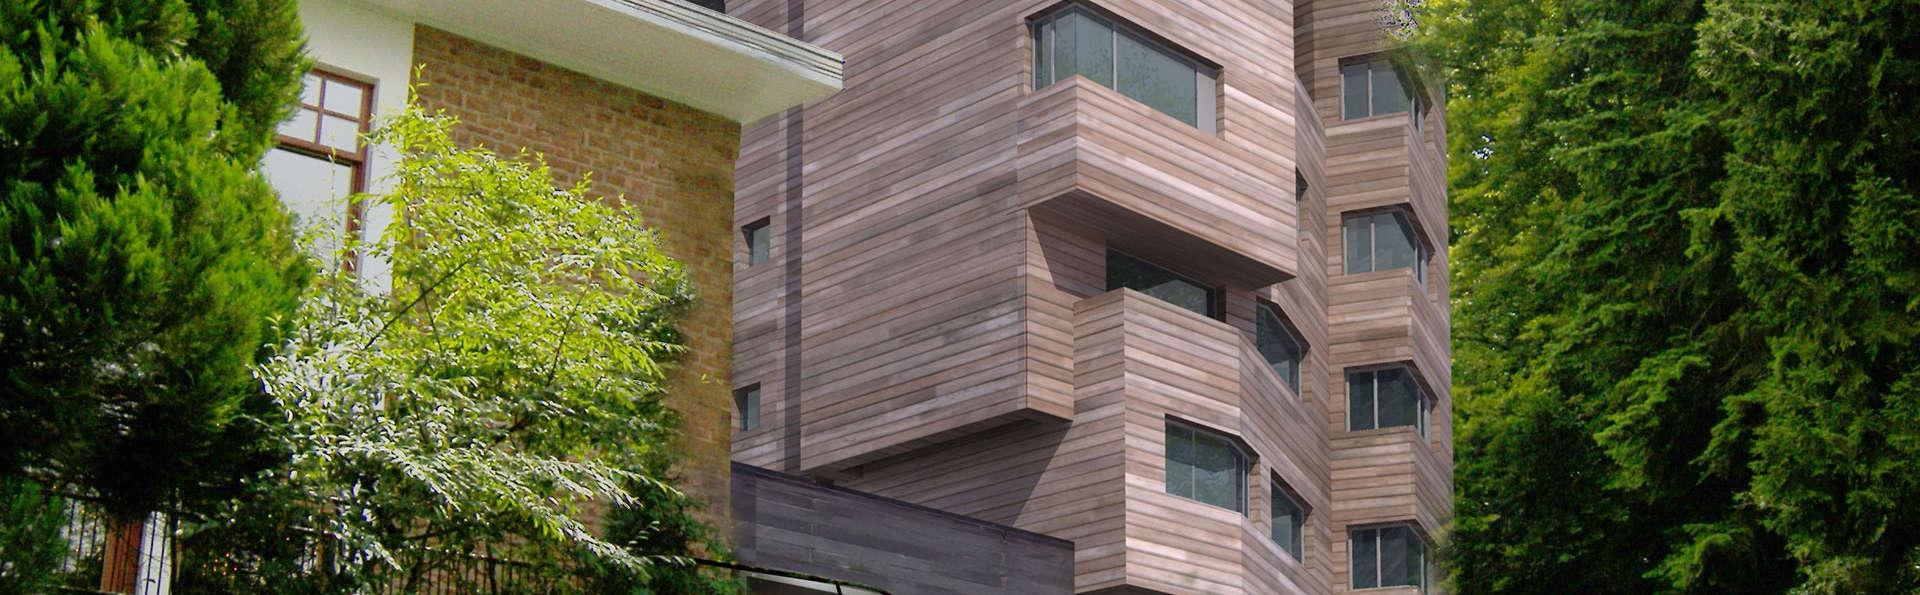 The Seven Hotel - edit_The_Seven_Hotel_facade.jpg